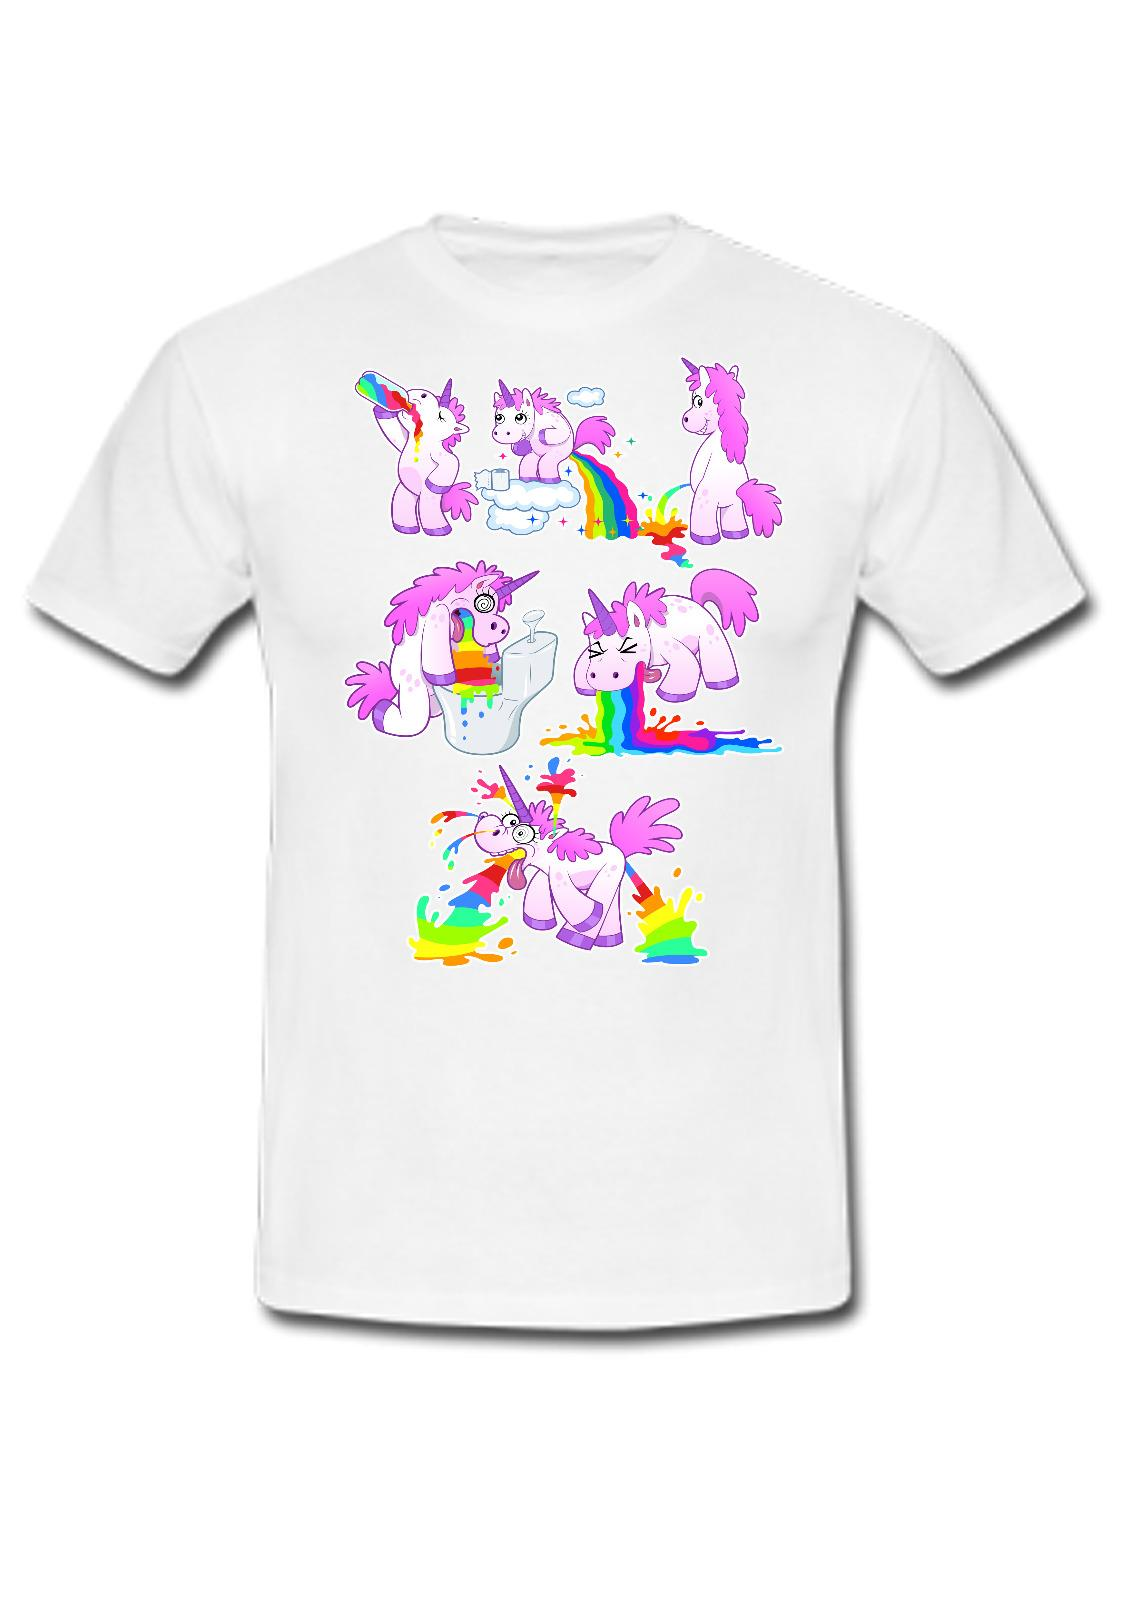 Compre Camisas De Algodón Barato Al Por Mayor Unicornio Borracho Night Out  Unisex Camiseta Sick Rainbows Buen Regalo O Presente A  12.58 Del  Banwanyue3 ... 3e46a7a48c8f7